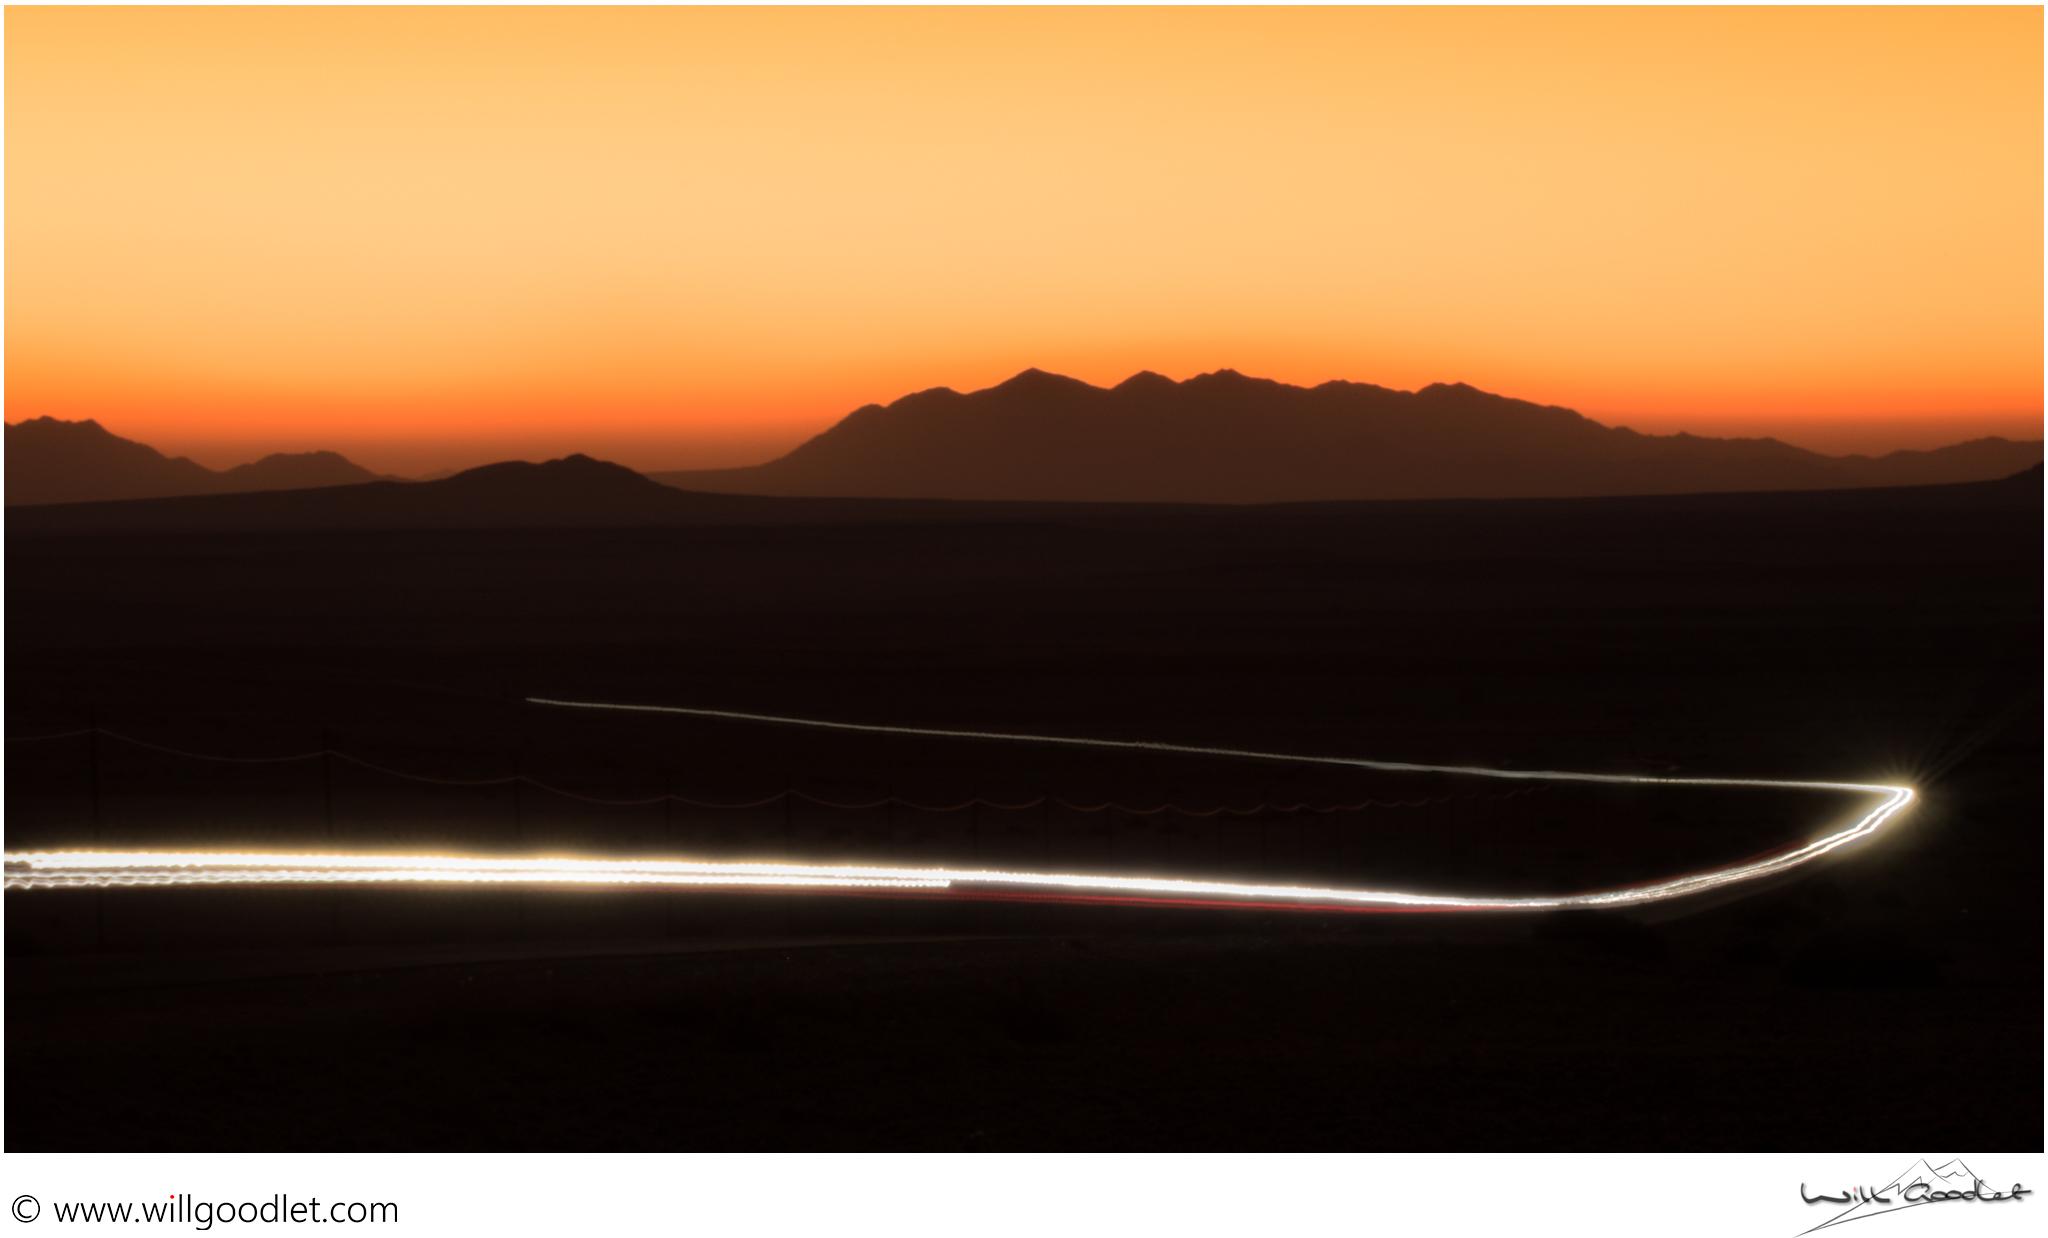 Desert road at sunset, Aus, Namibia.